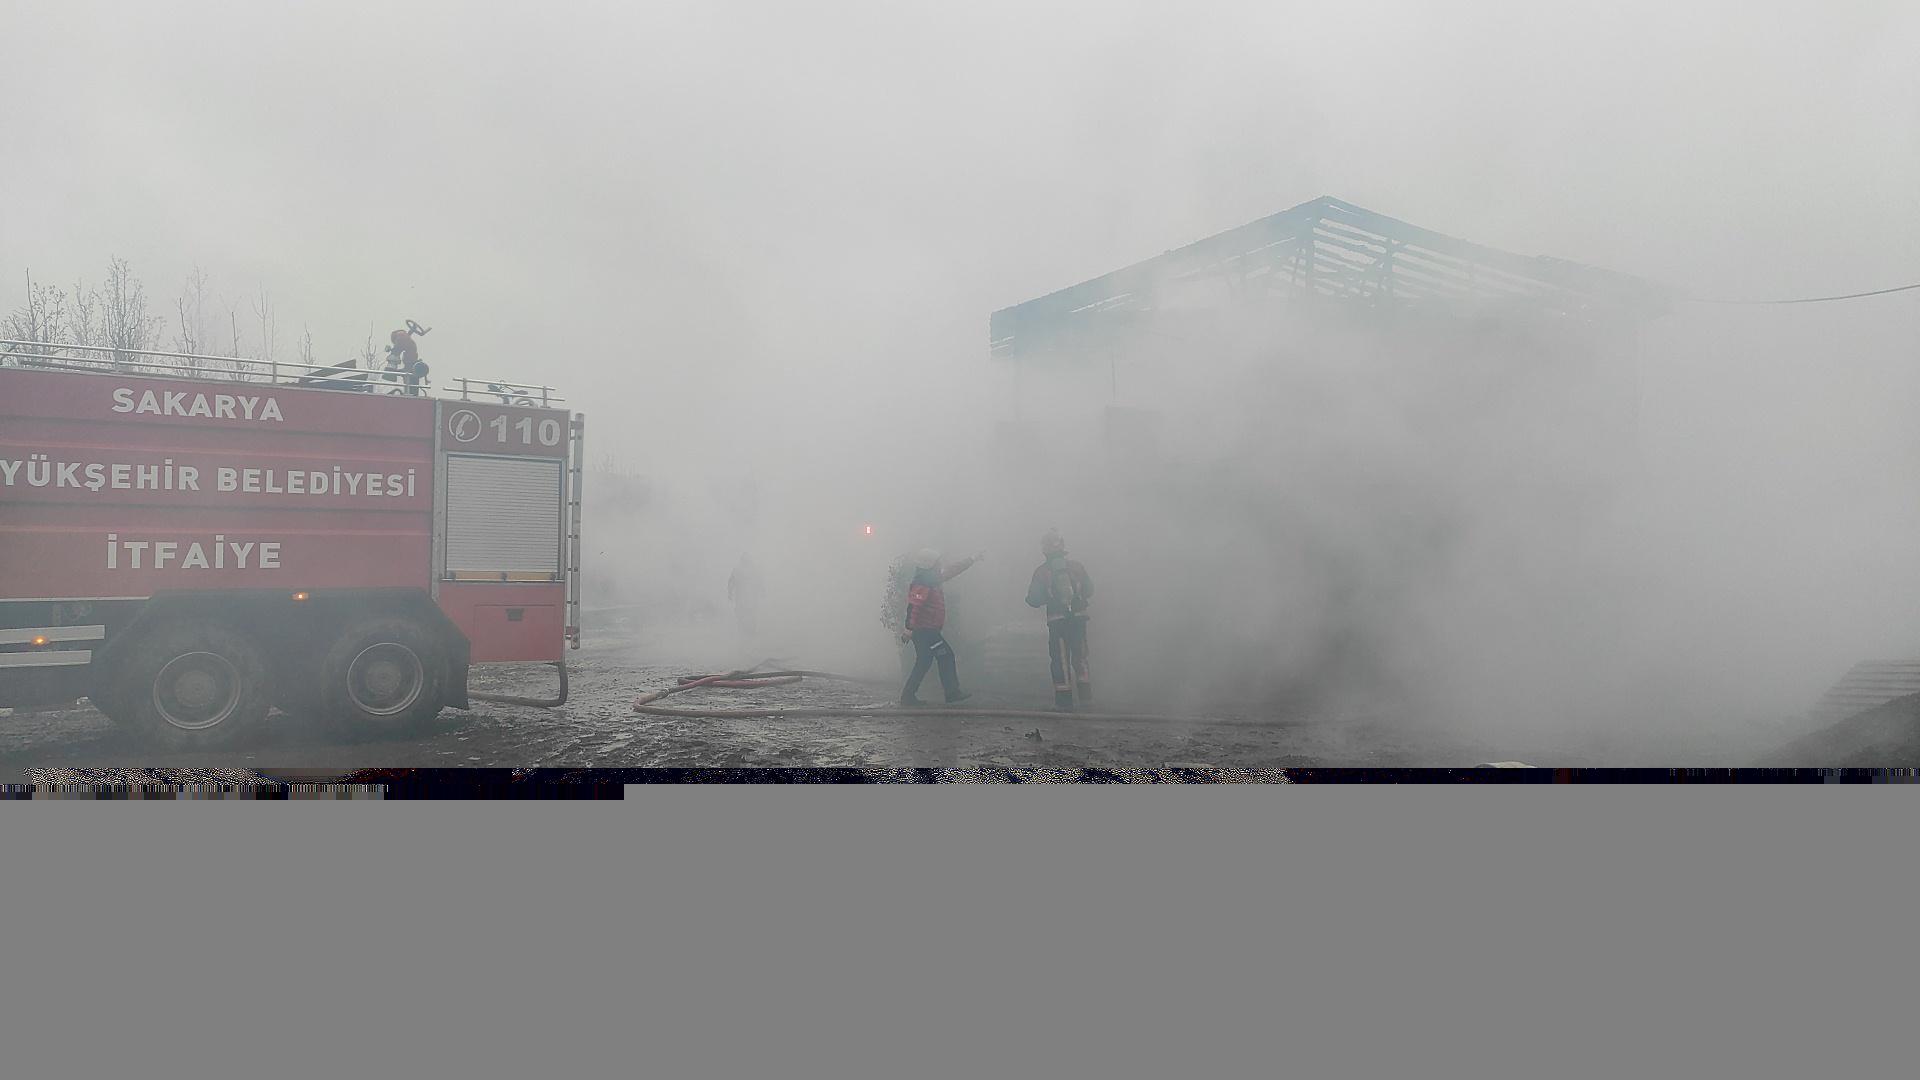 Sakarya'da fidanlığa ait depo çıkan yangında kullanılamaz hale geldi